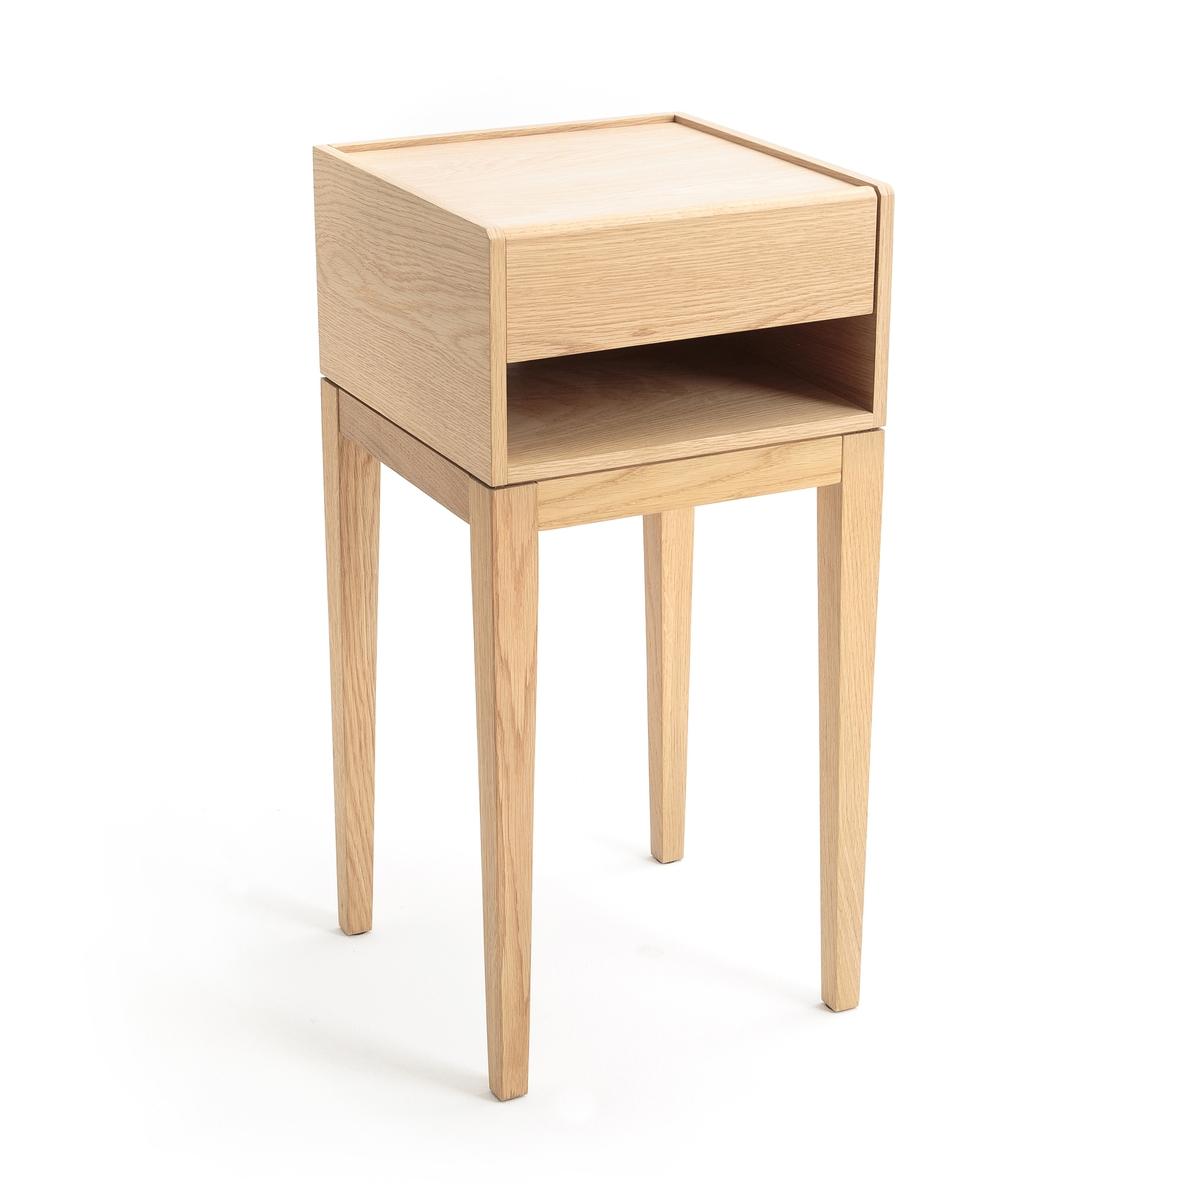 Столик прикроватный  Nizou, Design E.GallinaПрикроватный столик без излишек. Один материал, простота и утонченность - главные характеристики этого изделия. Высокие и утонченные ножки, практичные комоды - предметы утонченной коллекции, которые естественным образом впишутся в Ваш интерьер.Дизайнер - Эммануэль Галлина. Элегантность, очевидность и простота - ключевые критерии его работ, которые отличают тонкая проработка деталей, формы и функциональности каждой модели .Описание :- Модель натурального цвета: из дубовой фанеры с полиуретановой отделкой, модель серого цвета с покрытием краской.- 1 ящик- 1 ниша с отверстием для проводов. - Ножки из массива дуба с полиуретановой отделкой.Размеры :   - Ш.35 x В.72 x   Г.35 см.- Внутренние размеры ящика: Ш.27,5 x В.5,5 x Г.28,5 см- Внутренние размеры ниши: Ш.32 x В.8 x Г.33,5 смРазмеры и вес упаковки:- Ш.63,5 x В.30,5 x  Г.52 см, 12 кг<br><br>Цвет: натуральный дуб,серый